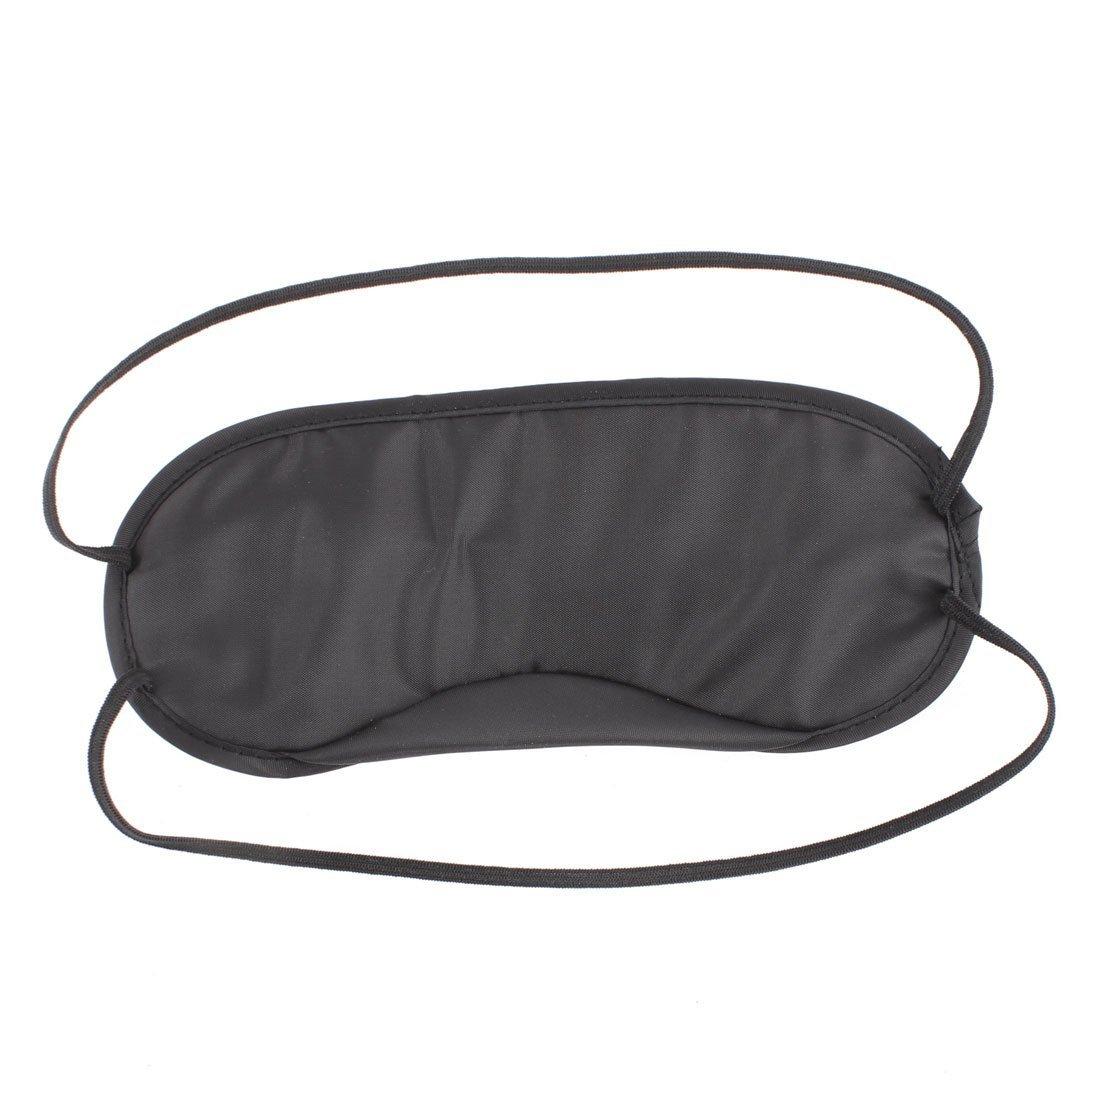 Amazon.com: eDealMax Forma de U viajes de dormir que acampa máscara de la almohadilla del Cuello de ojos 3 en 1 Para auriculares: Home & Kitchen